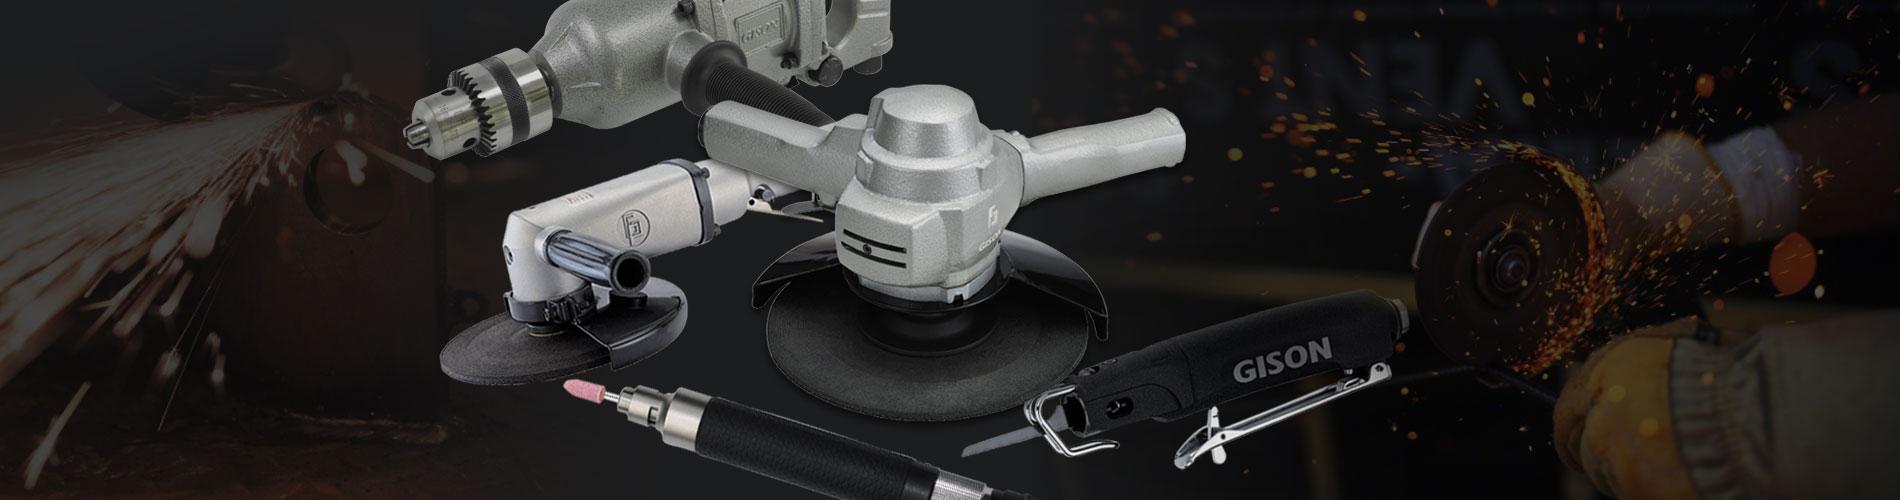 Повітряні інструменти для Шліфування / різання / свердління